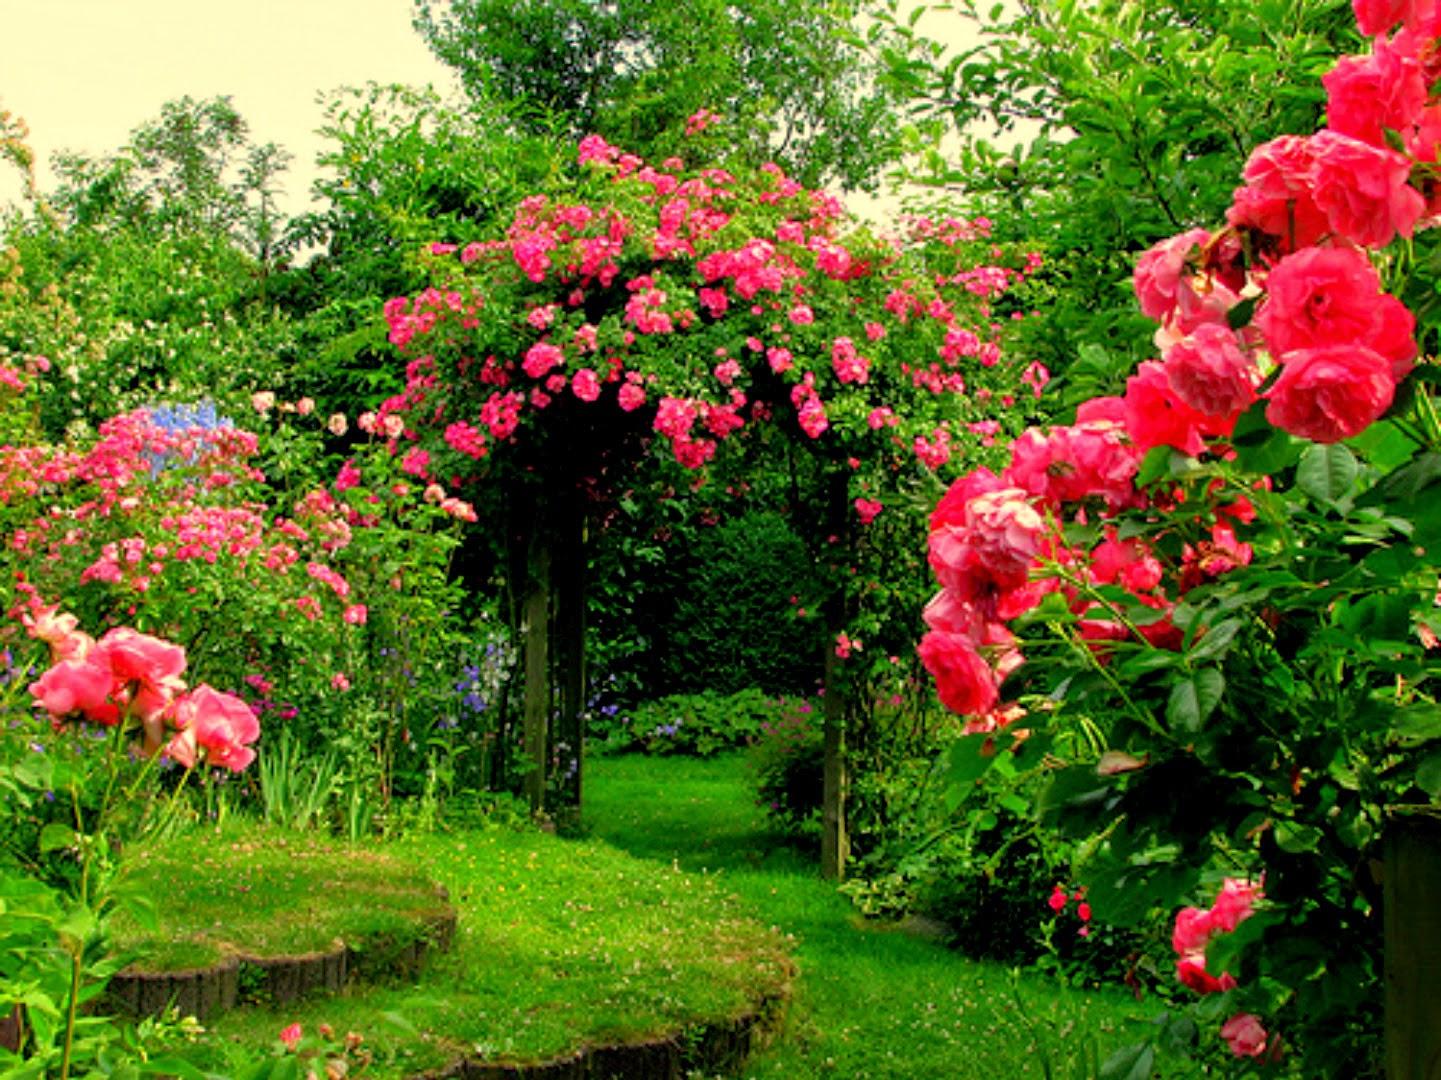 Flower Garden Wallpaper hoontoidly: rose flower garden wallpaper images